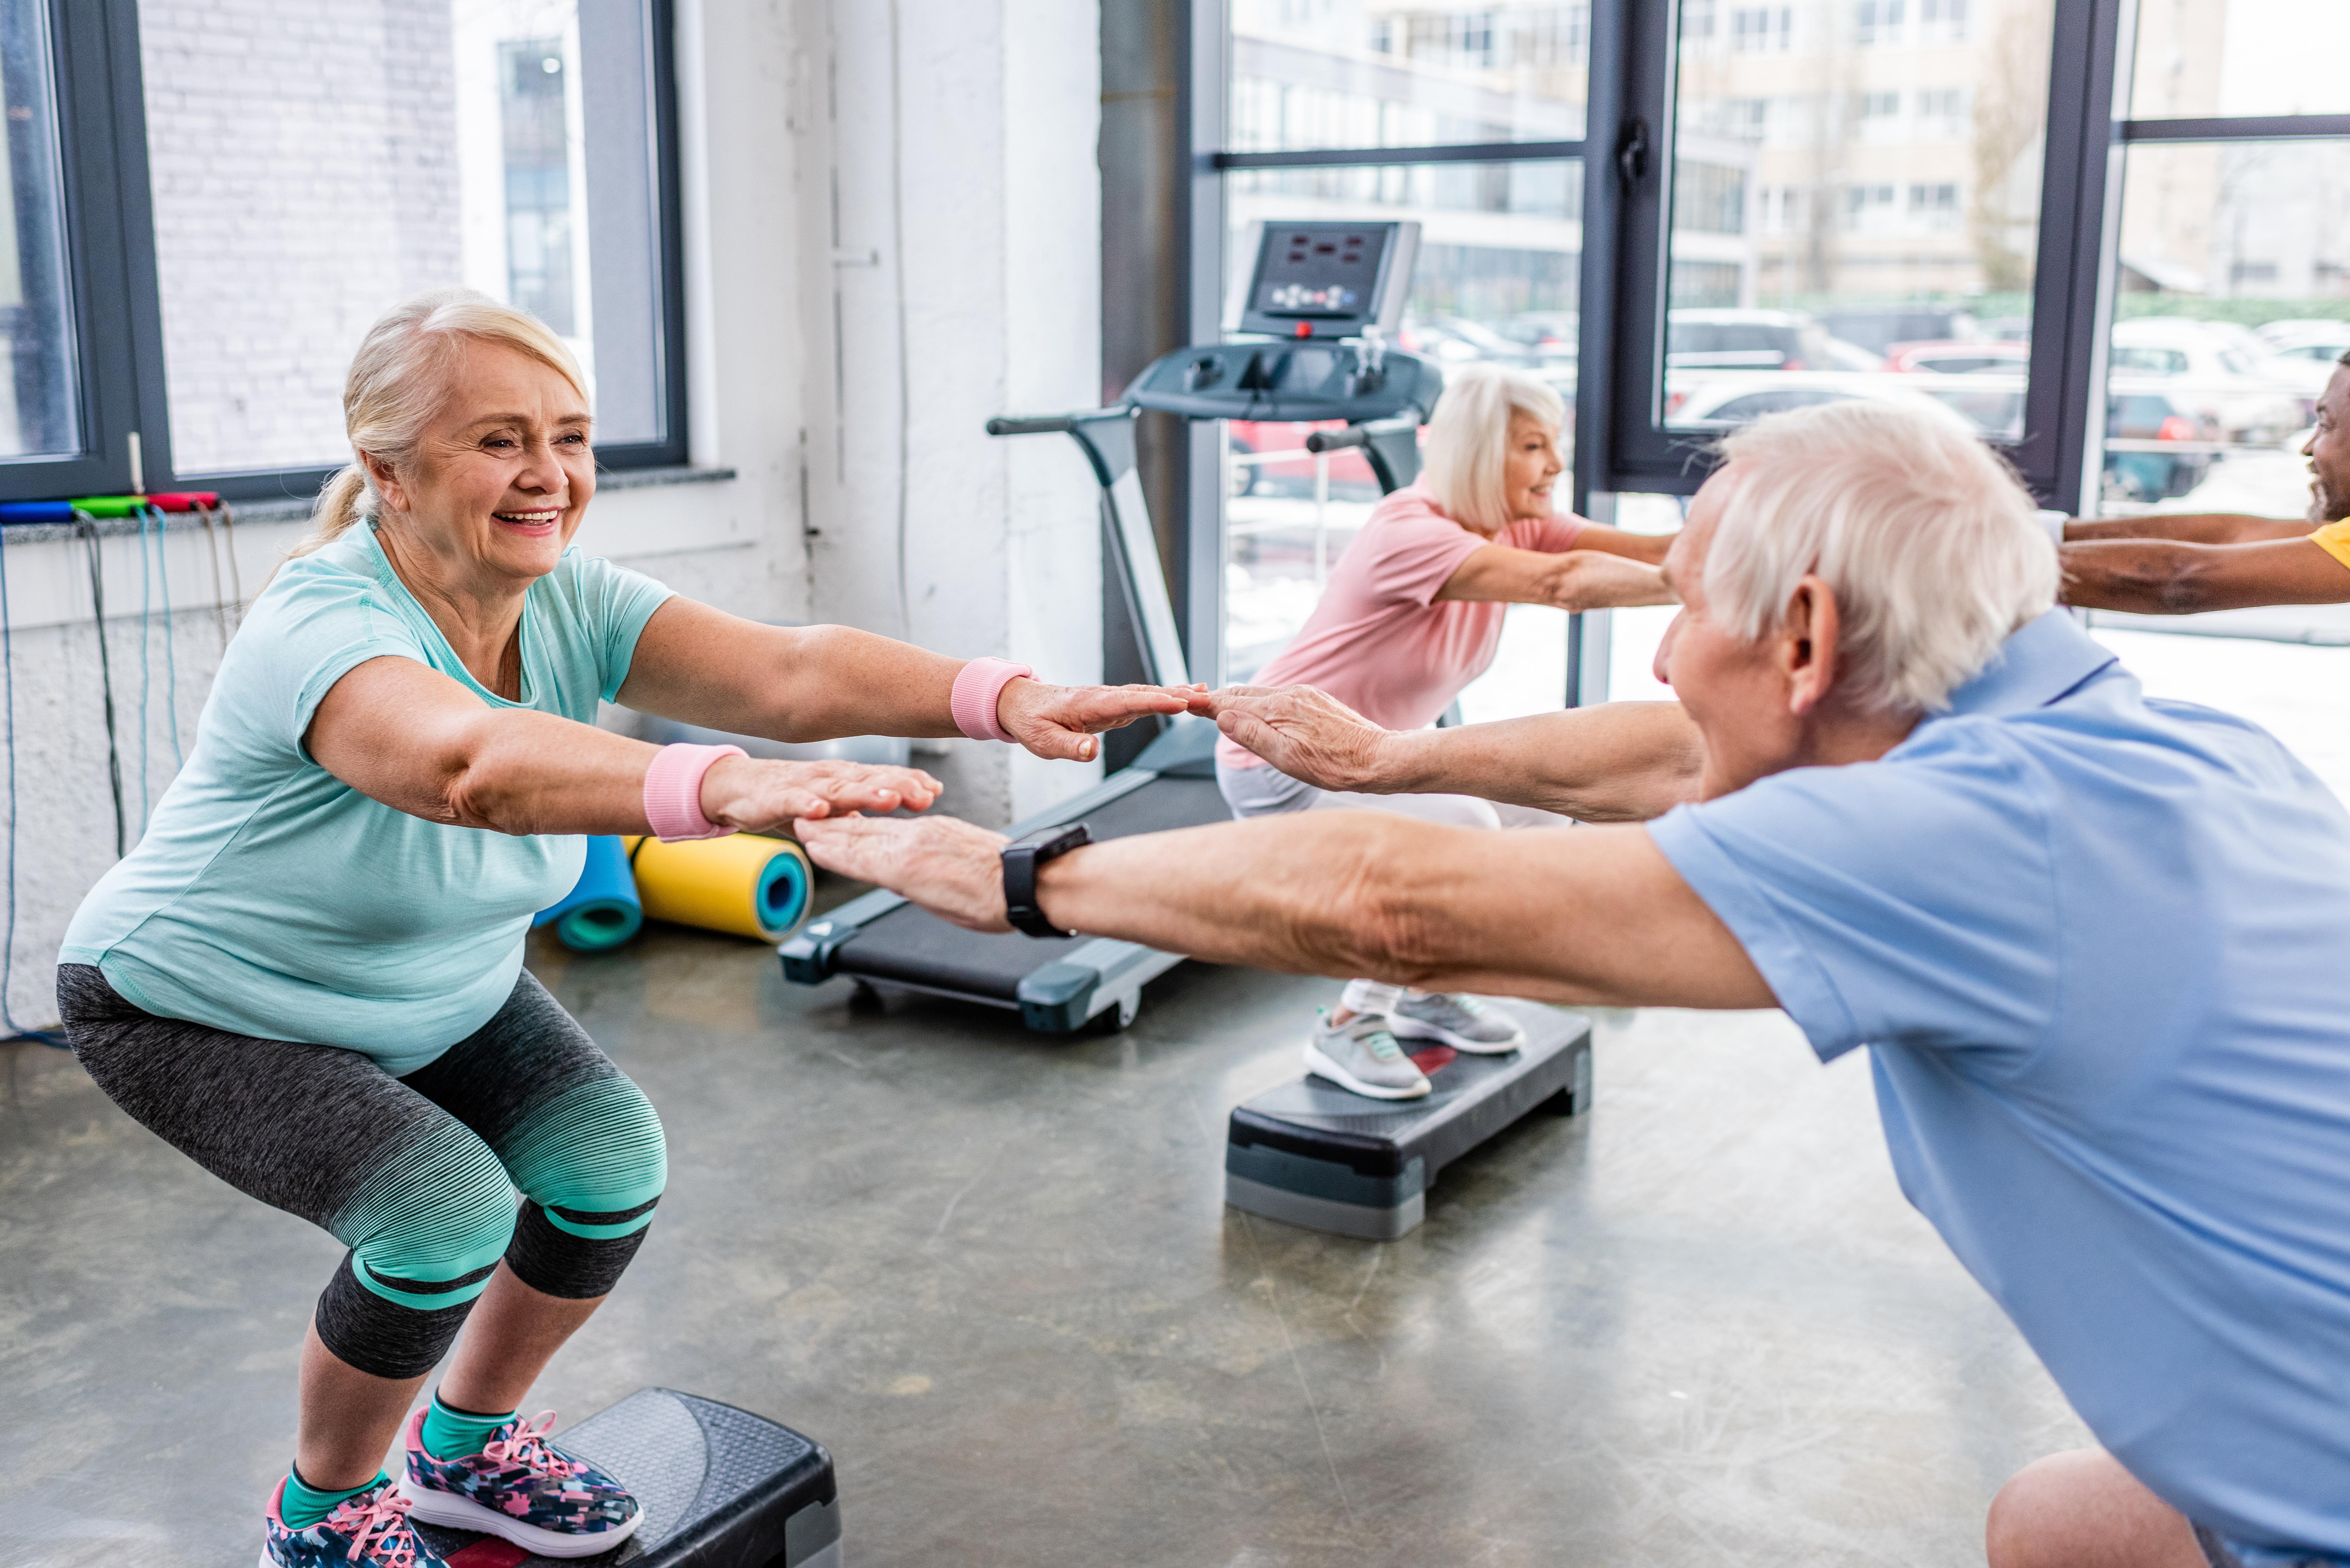 Det handlade om träning i funktionella viktbärande positioner liknade vardagliga rörelser, som uppresningar, trappgång, bålrotation och gång.